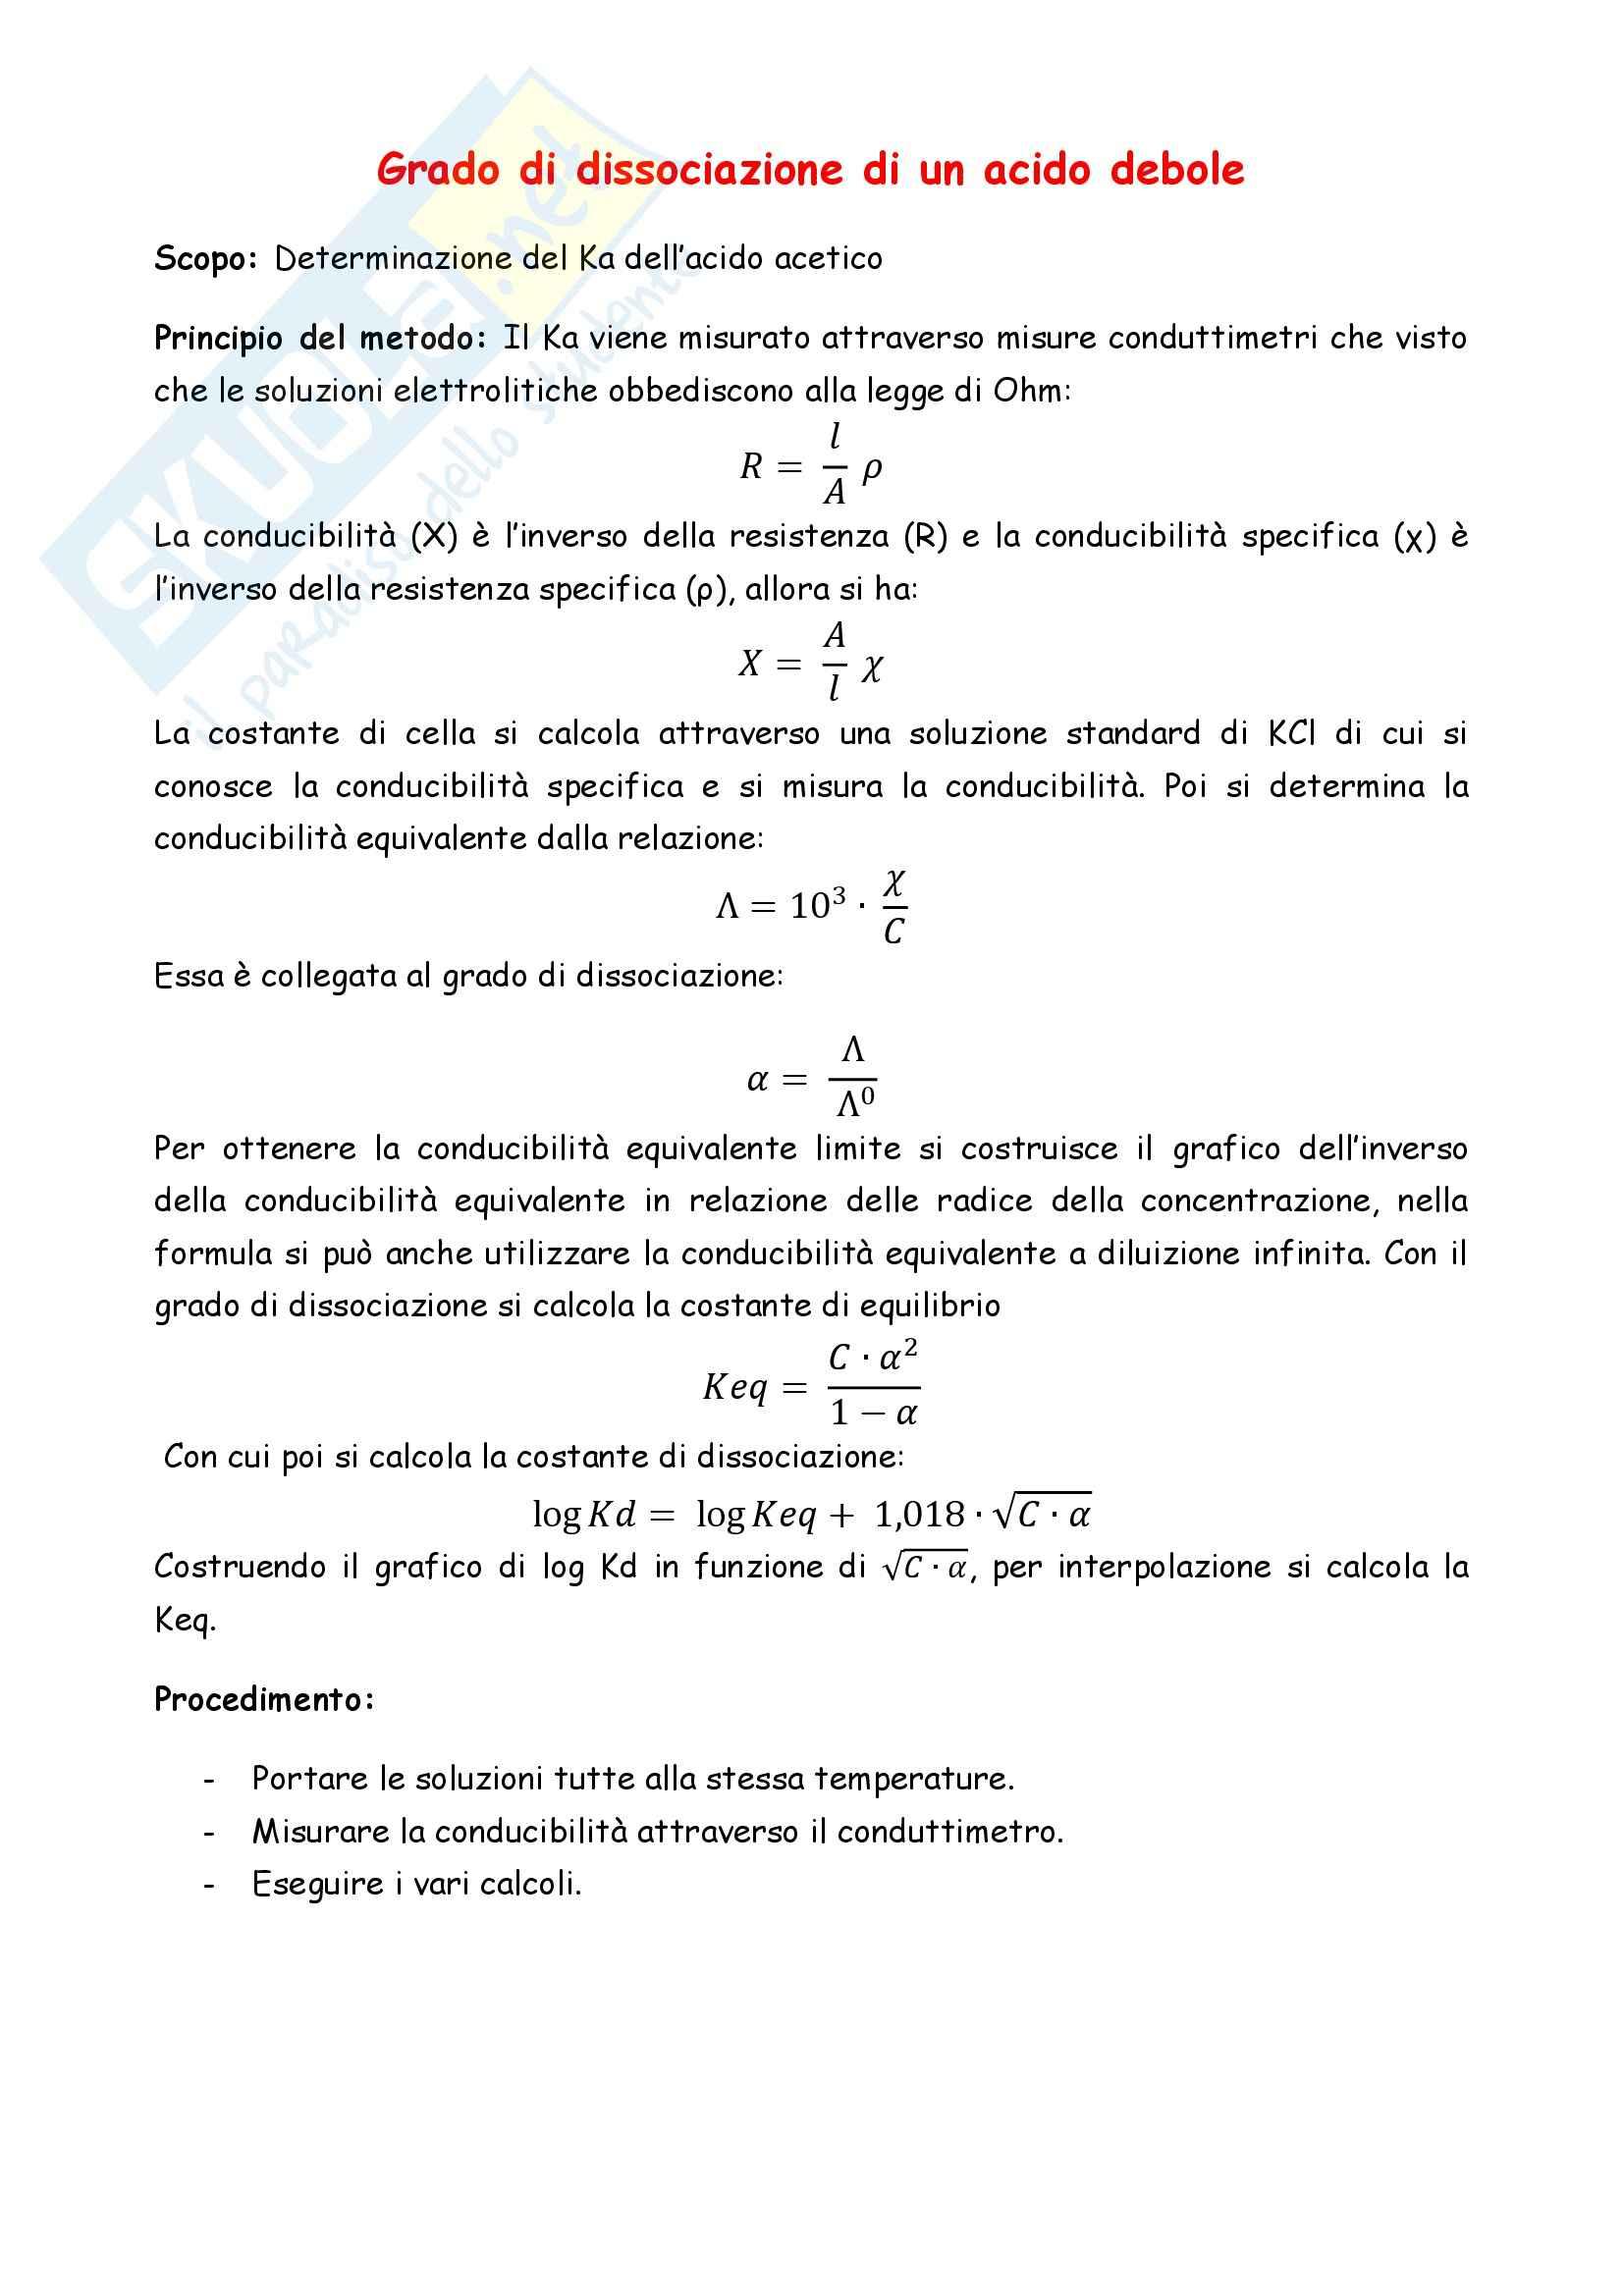 Relazioni: Esercitazioni di Chimica Fisica